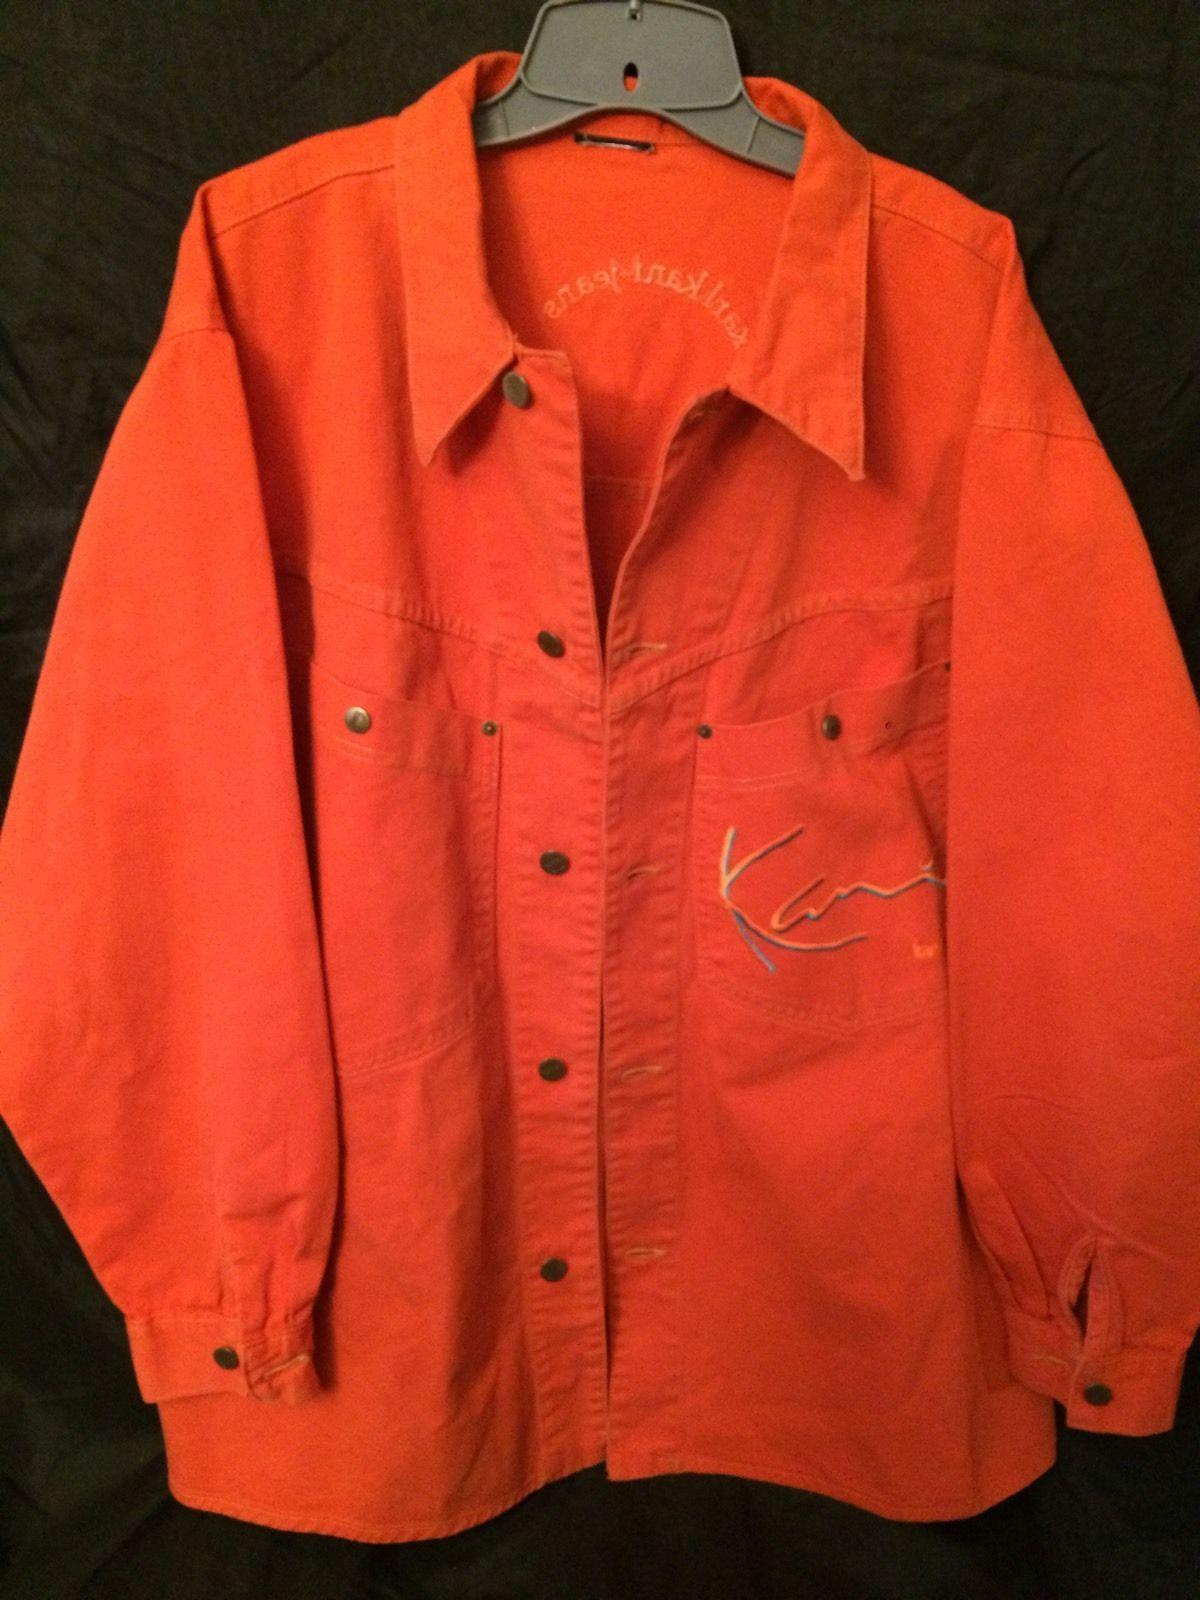 karl kani jeans orange heavy denim 2xl 3xl jacket shirt. Black Bedroom Furniture Sets. Home Design Ideas